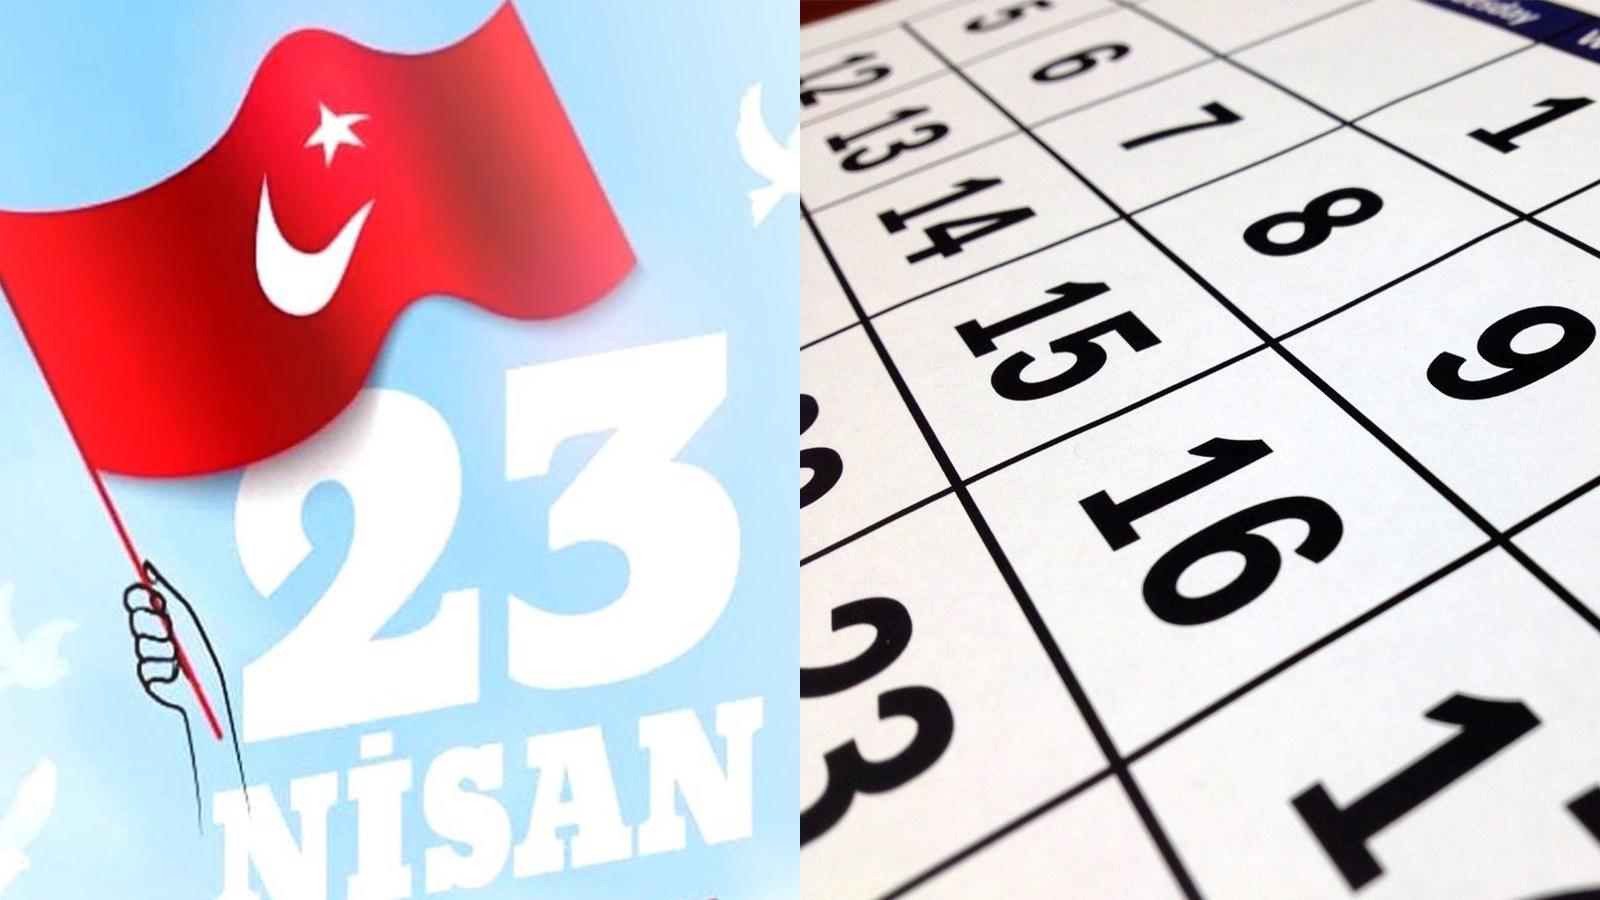 22 Nisan tatil mi 2021? 22 Nisan yarım gün mü 2021? 22 Nisan Perşembe öğleden sonra tatil mi 2021?